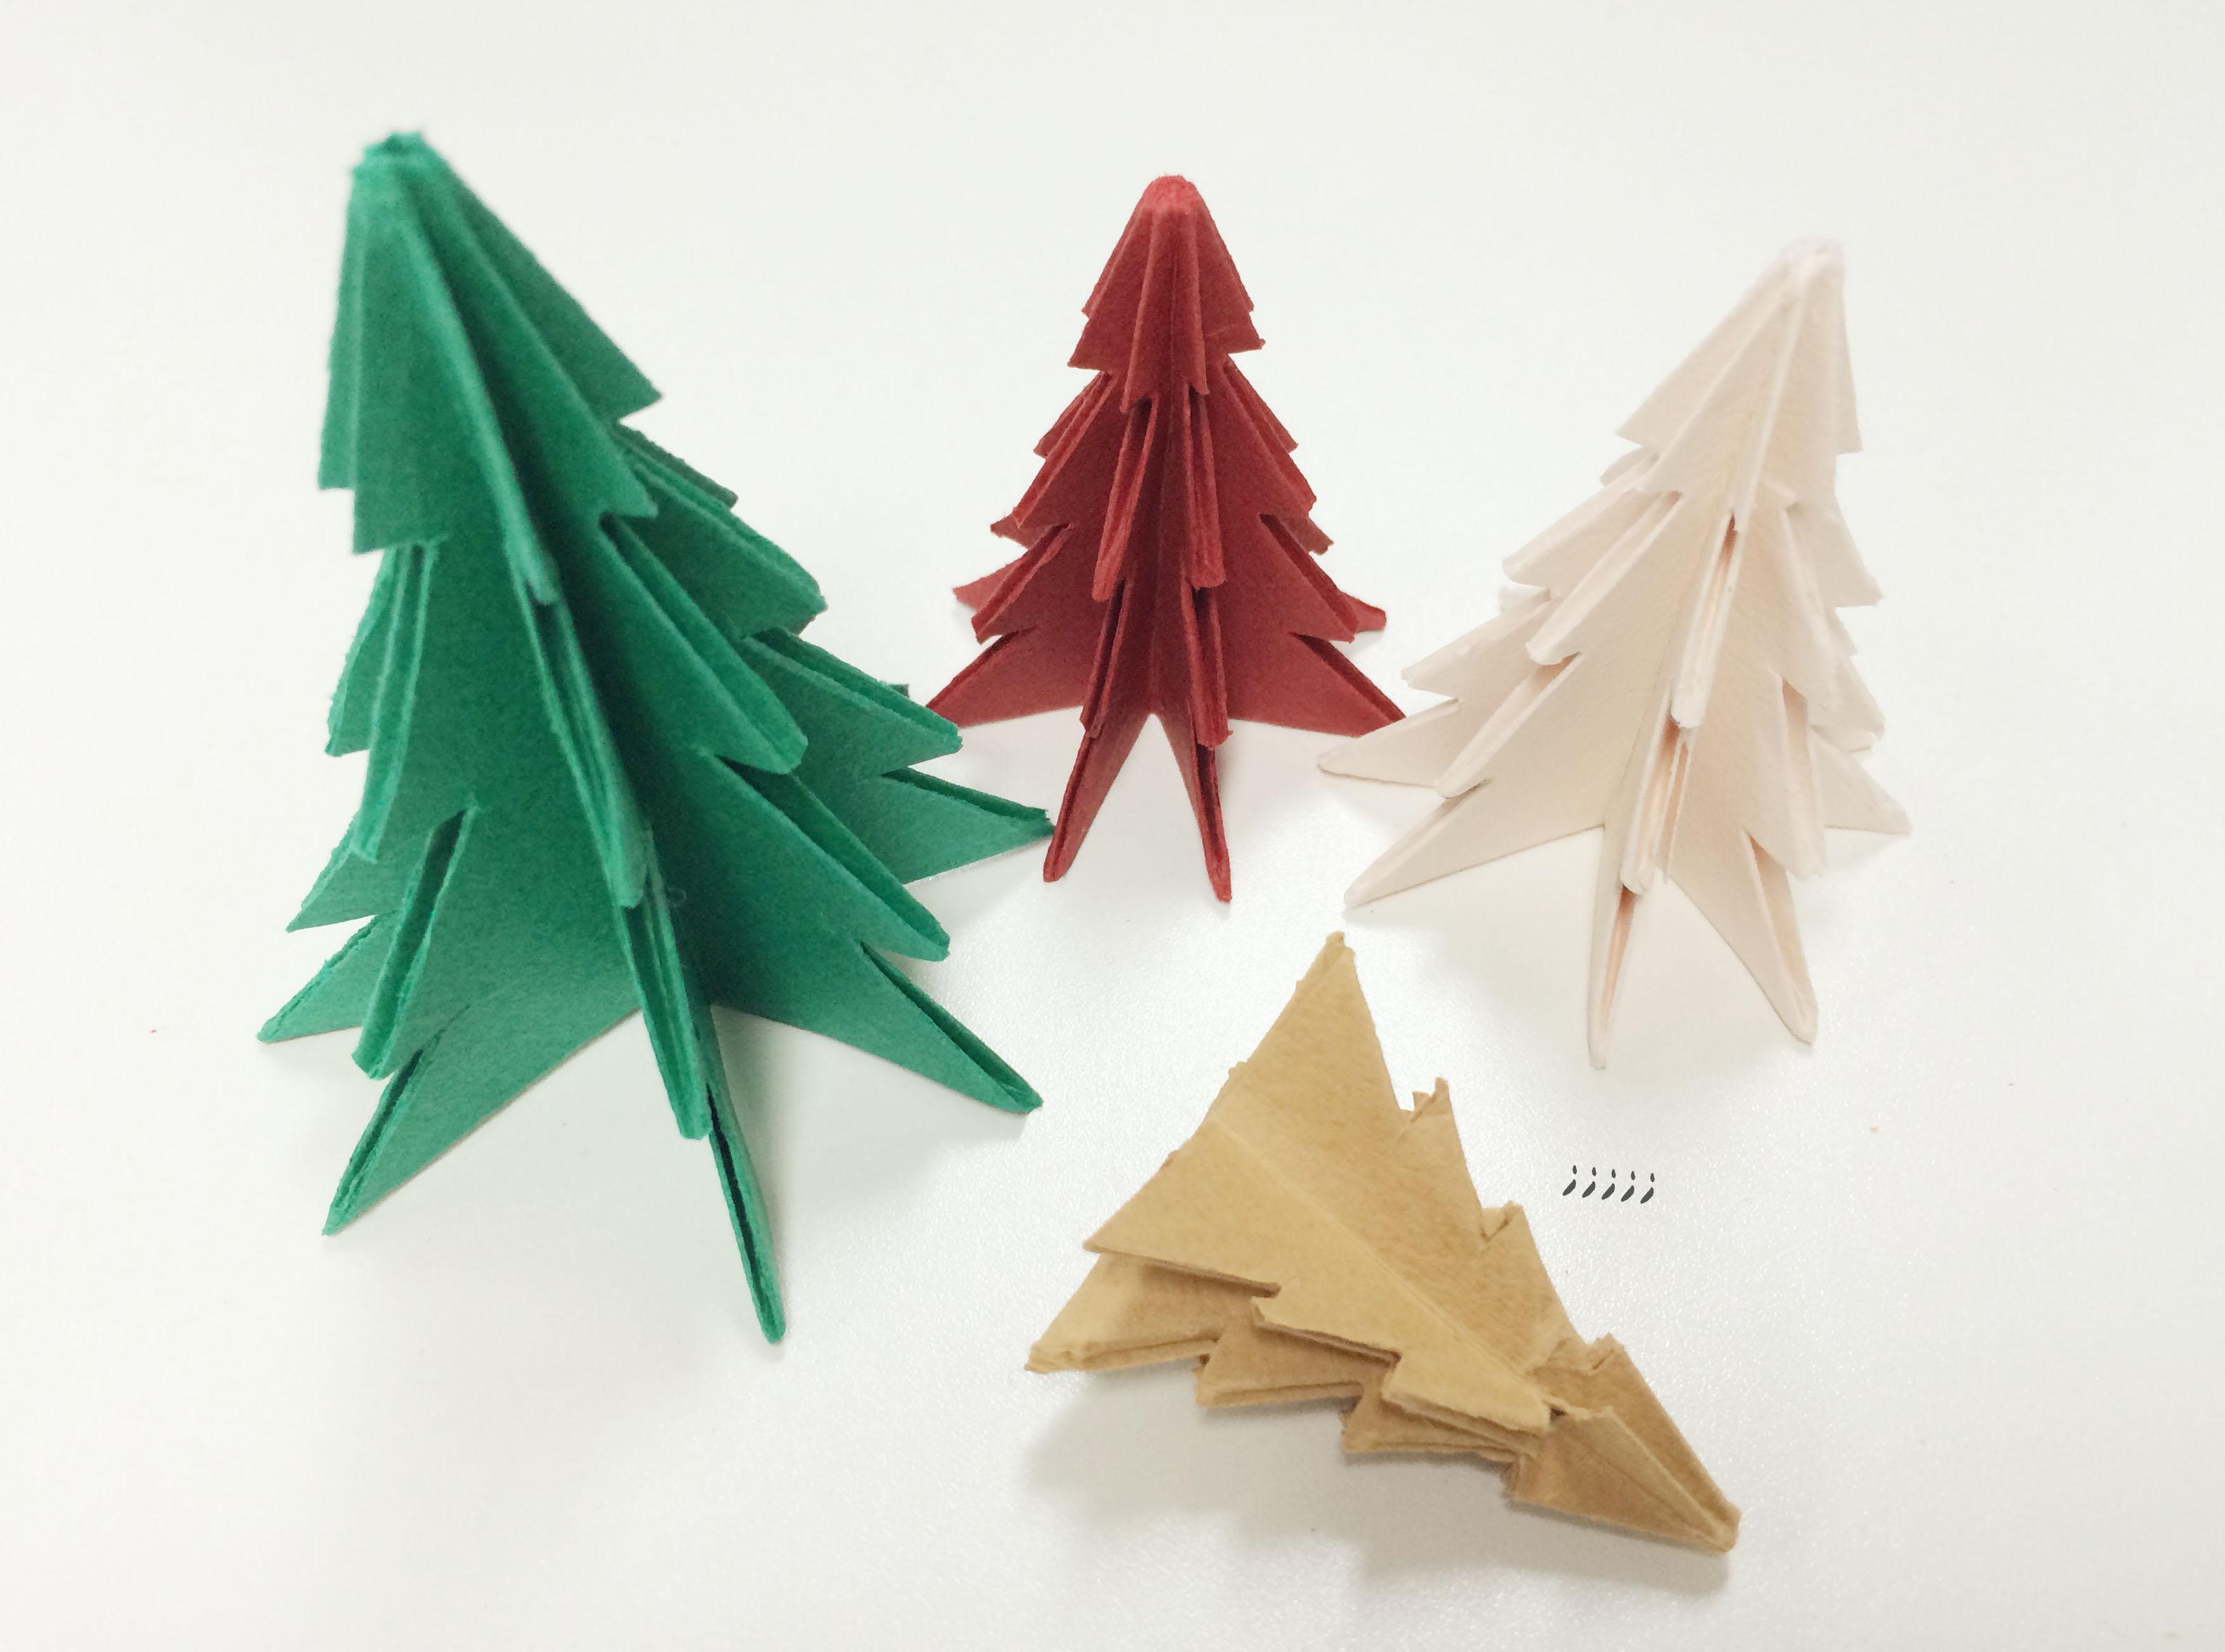 如果做得太小,就可能出現途中褐色聖誕樹的大慘事...站不住XDDDD~